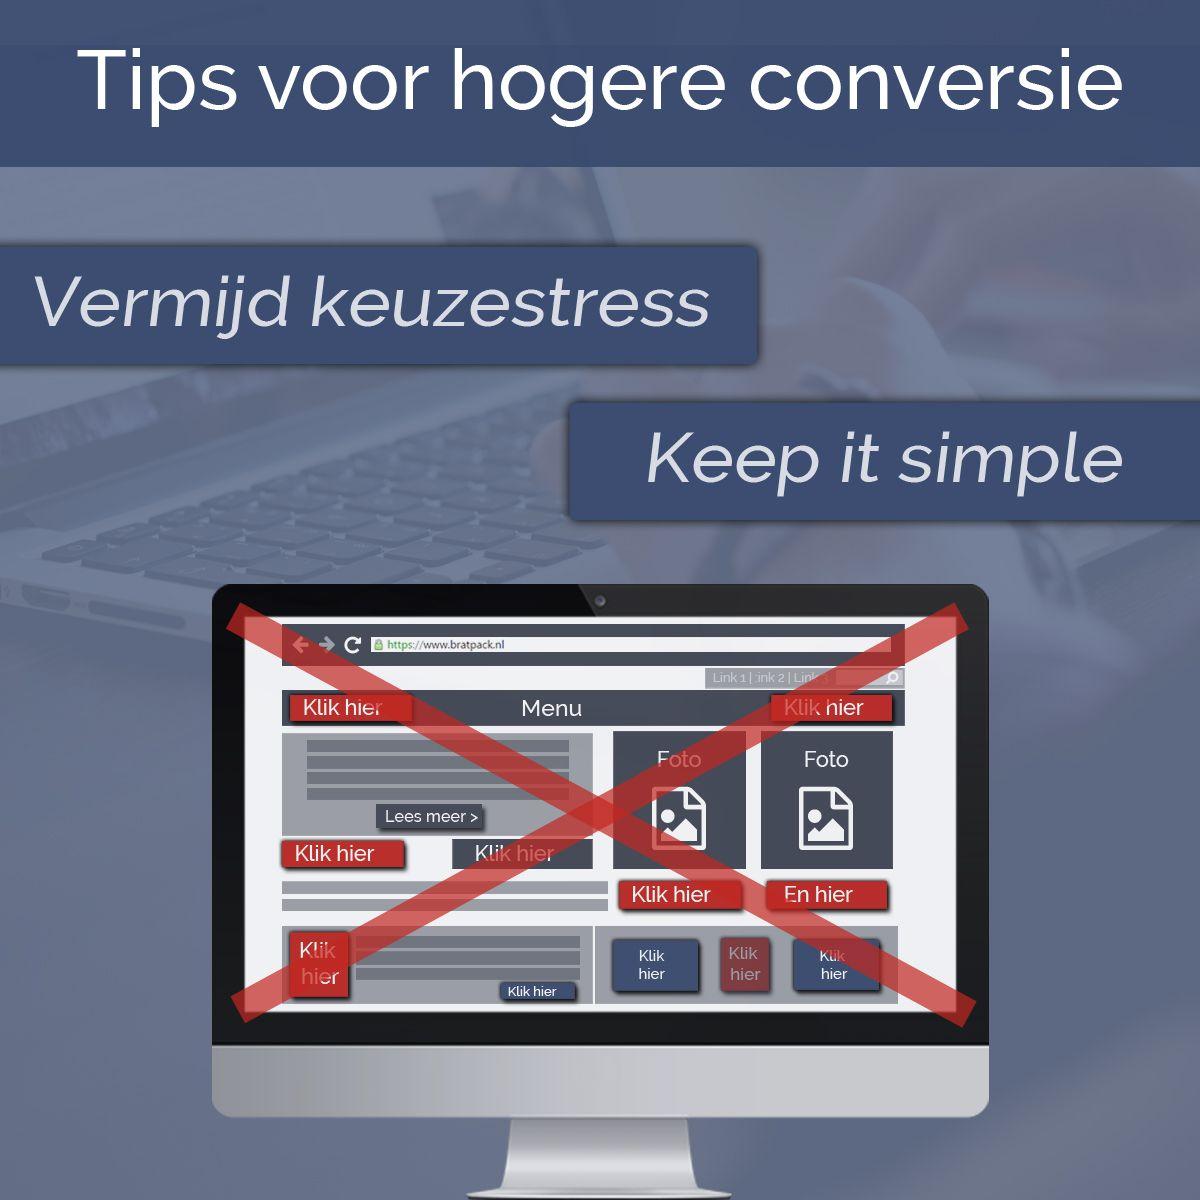 Conversies verhogen op je website? Verminder keuzestress!